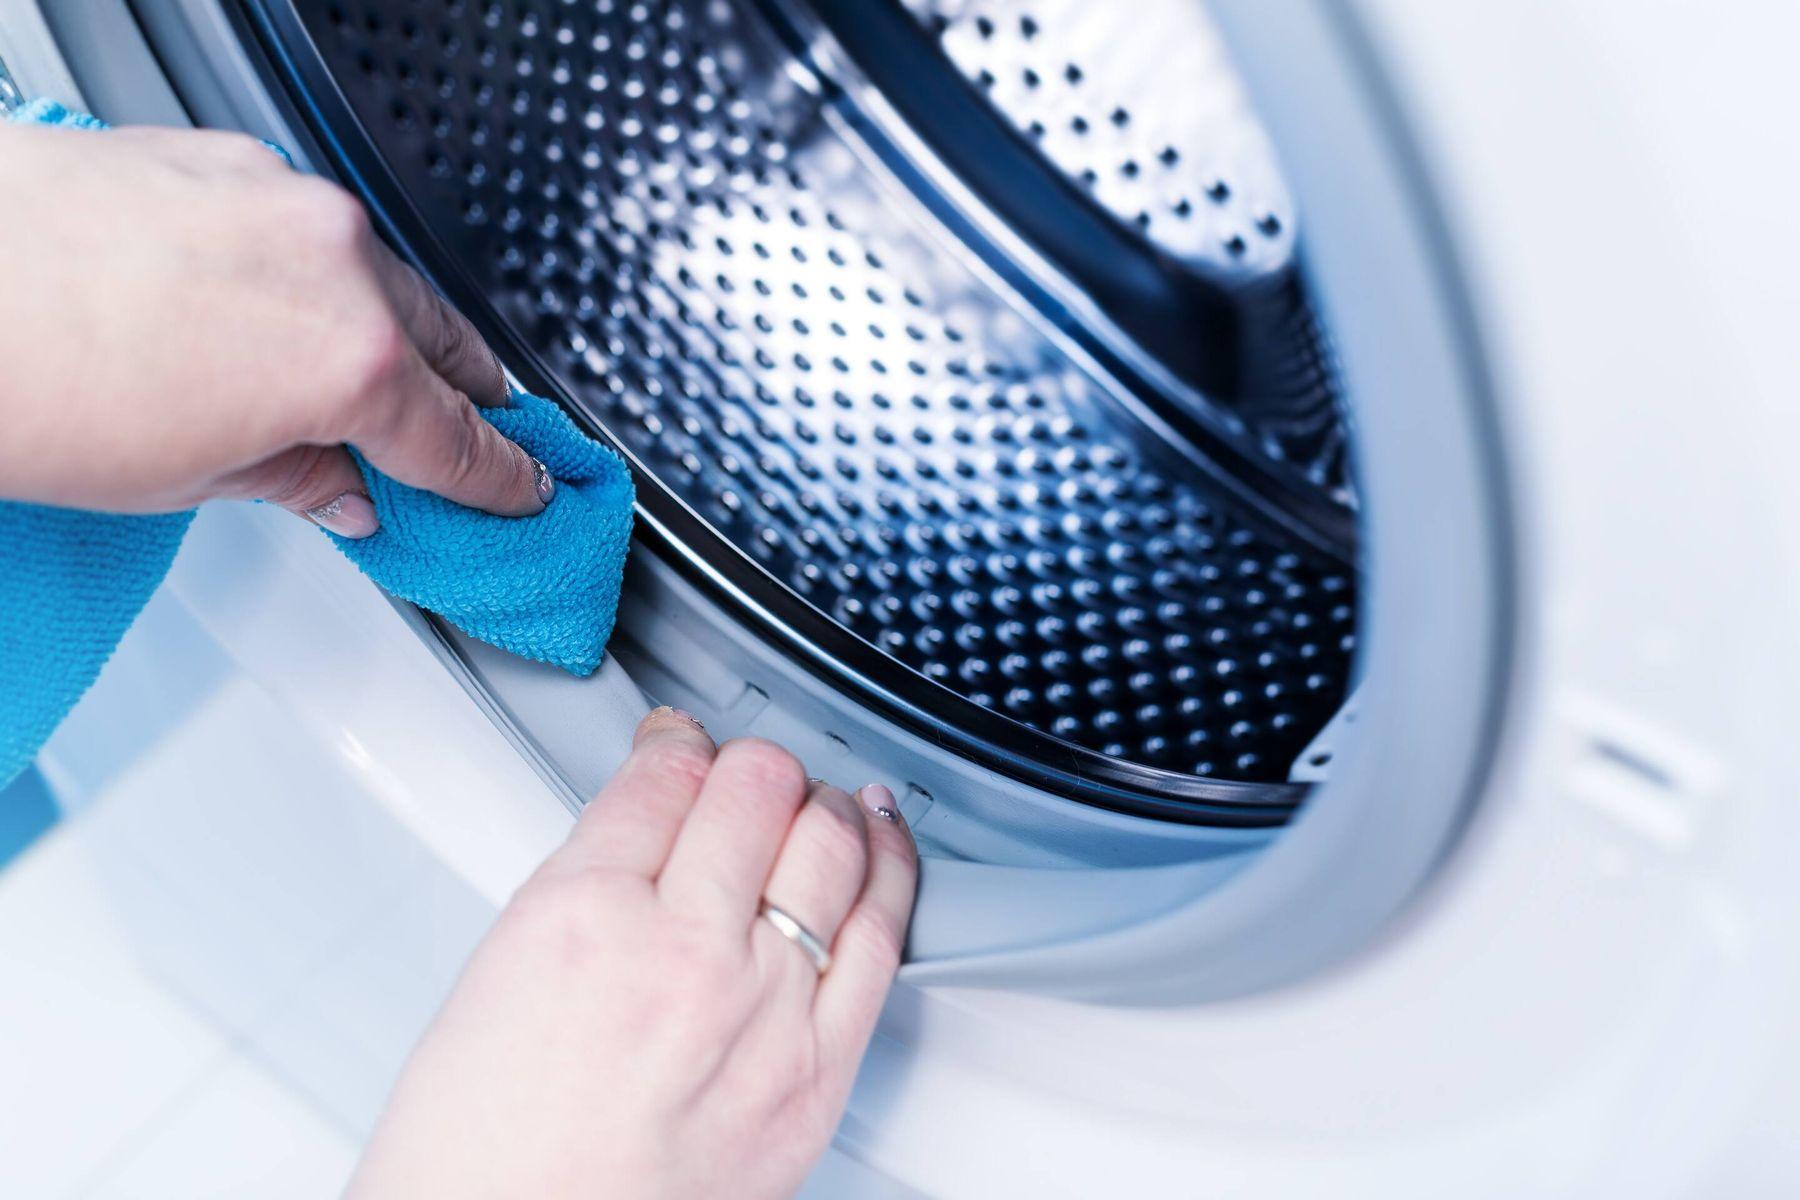 Çamaşır Makinesi Hihyenik Temizliği